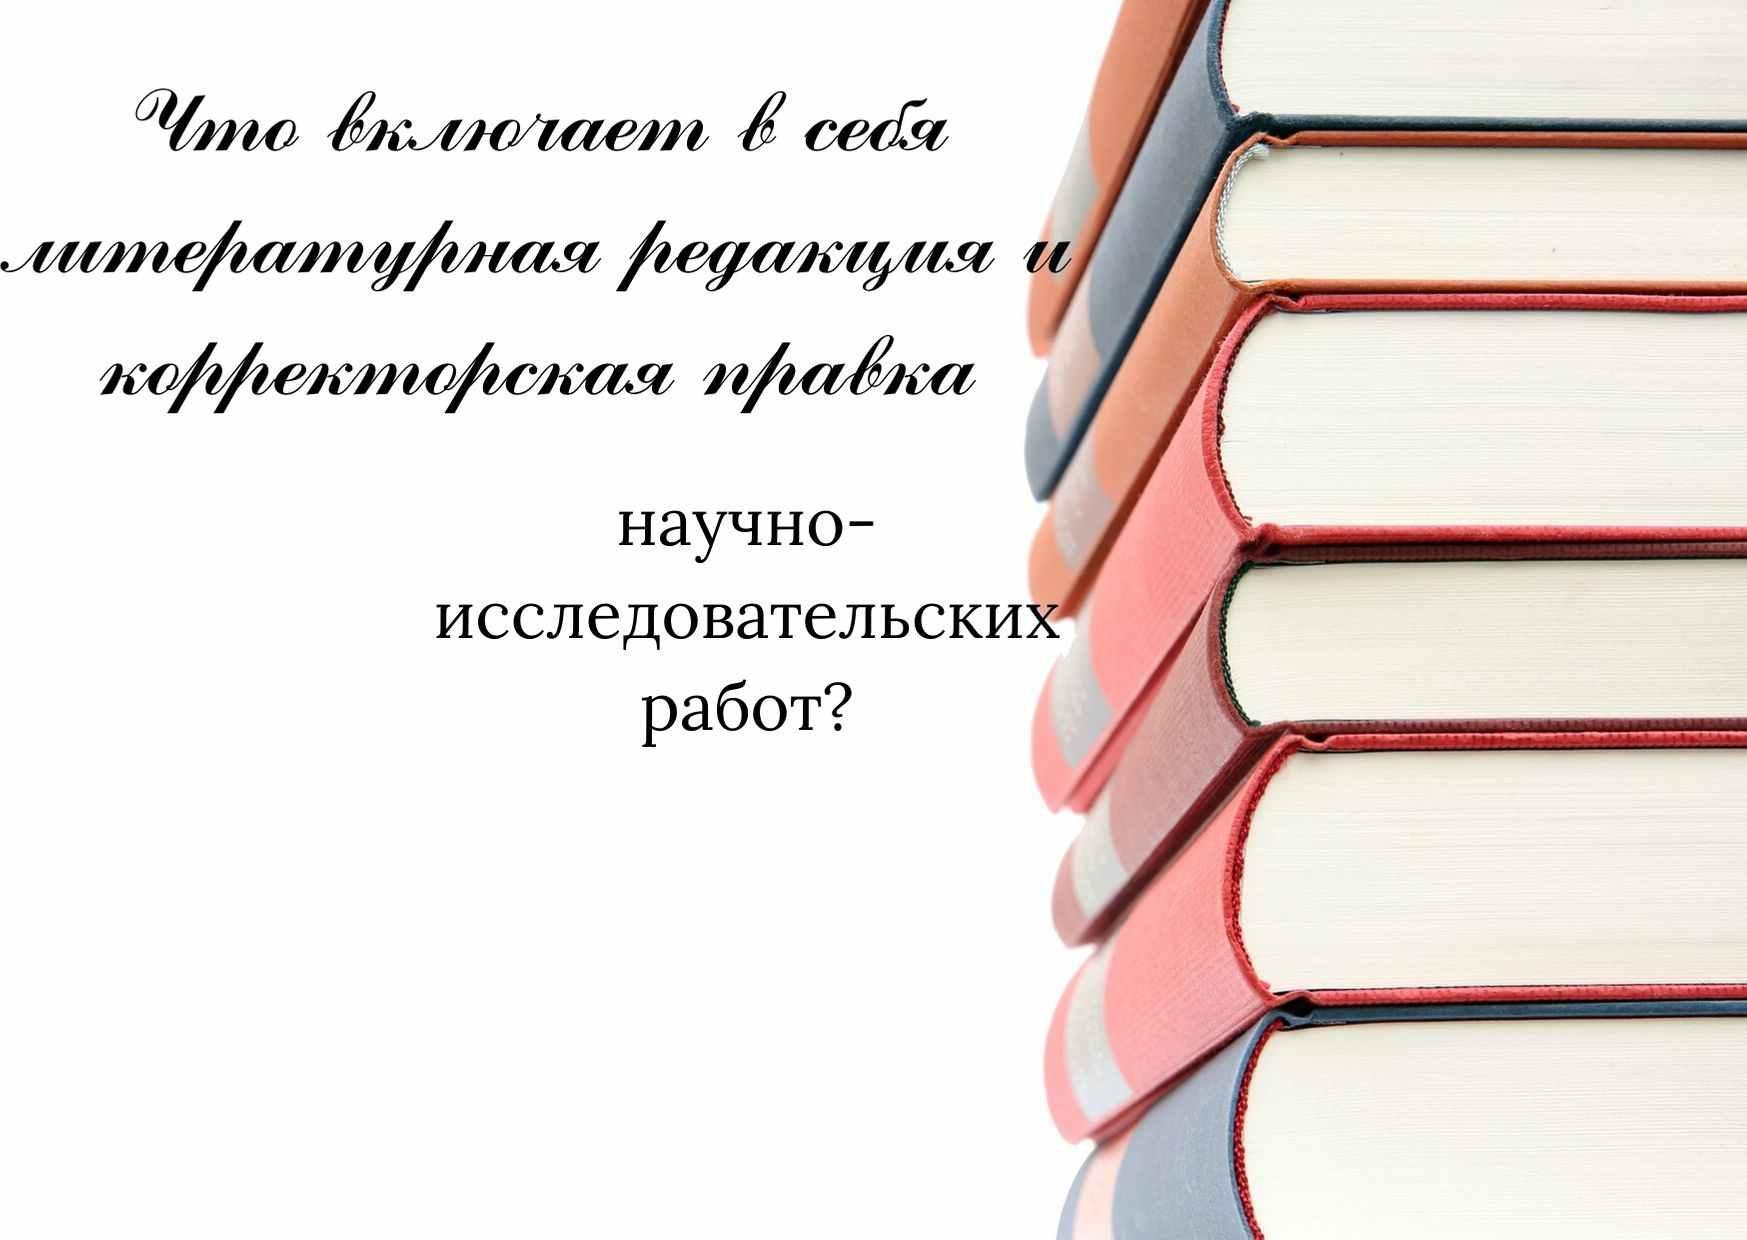 Что включает в себя литературная редакция и корректорская правка научно-исследовательских работ?